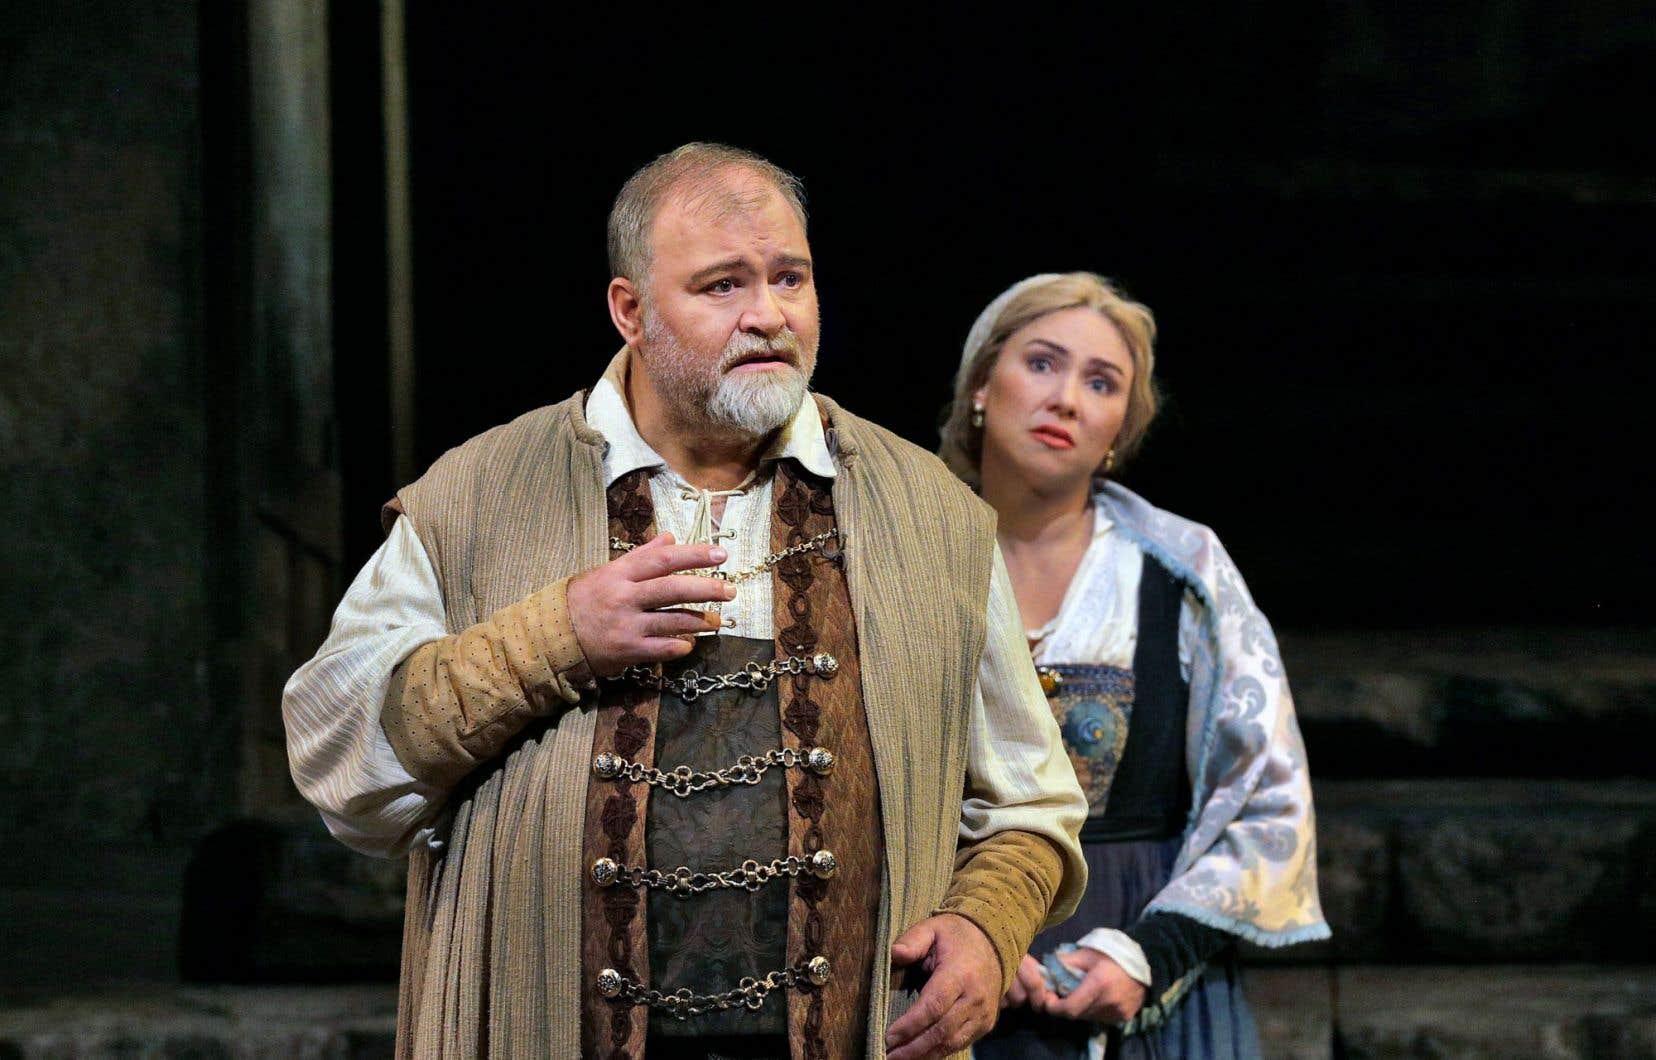 Les interprètes Hans-Peter König, dans le rôle de Veit Pogner, et Annette Dasch, dans le rôle d'Eva.